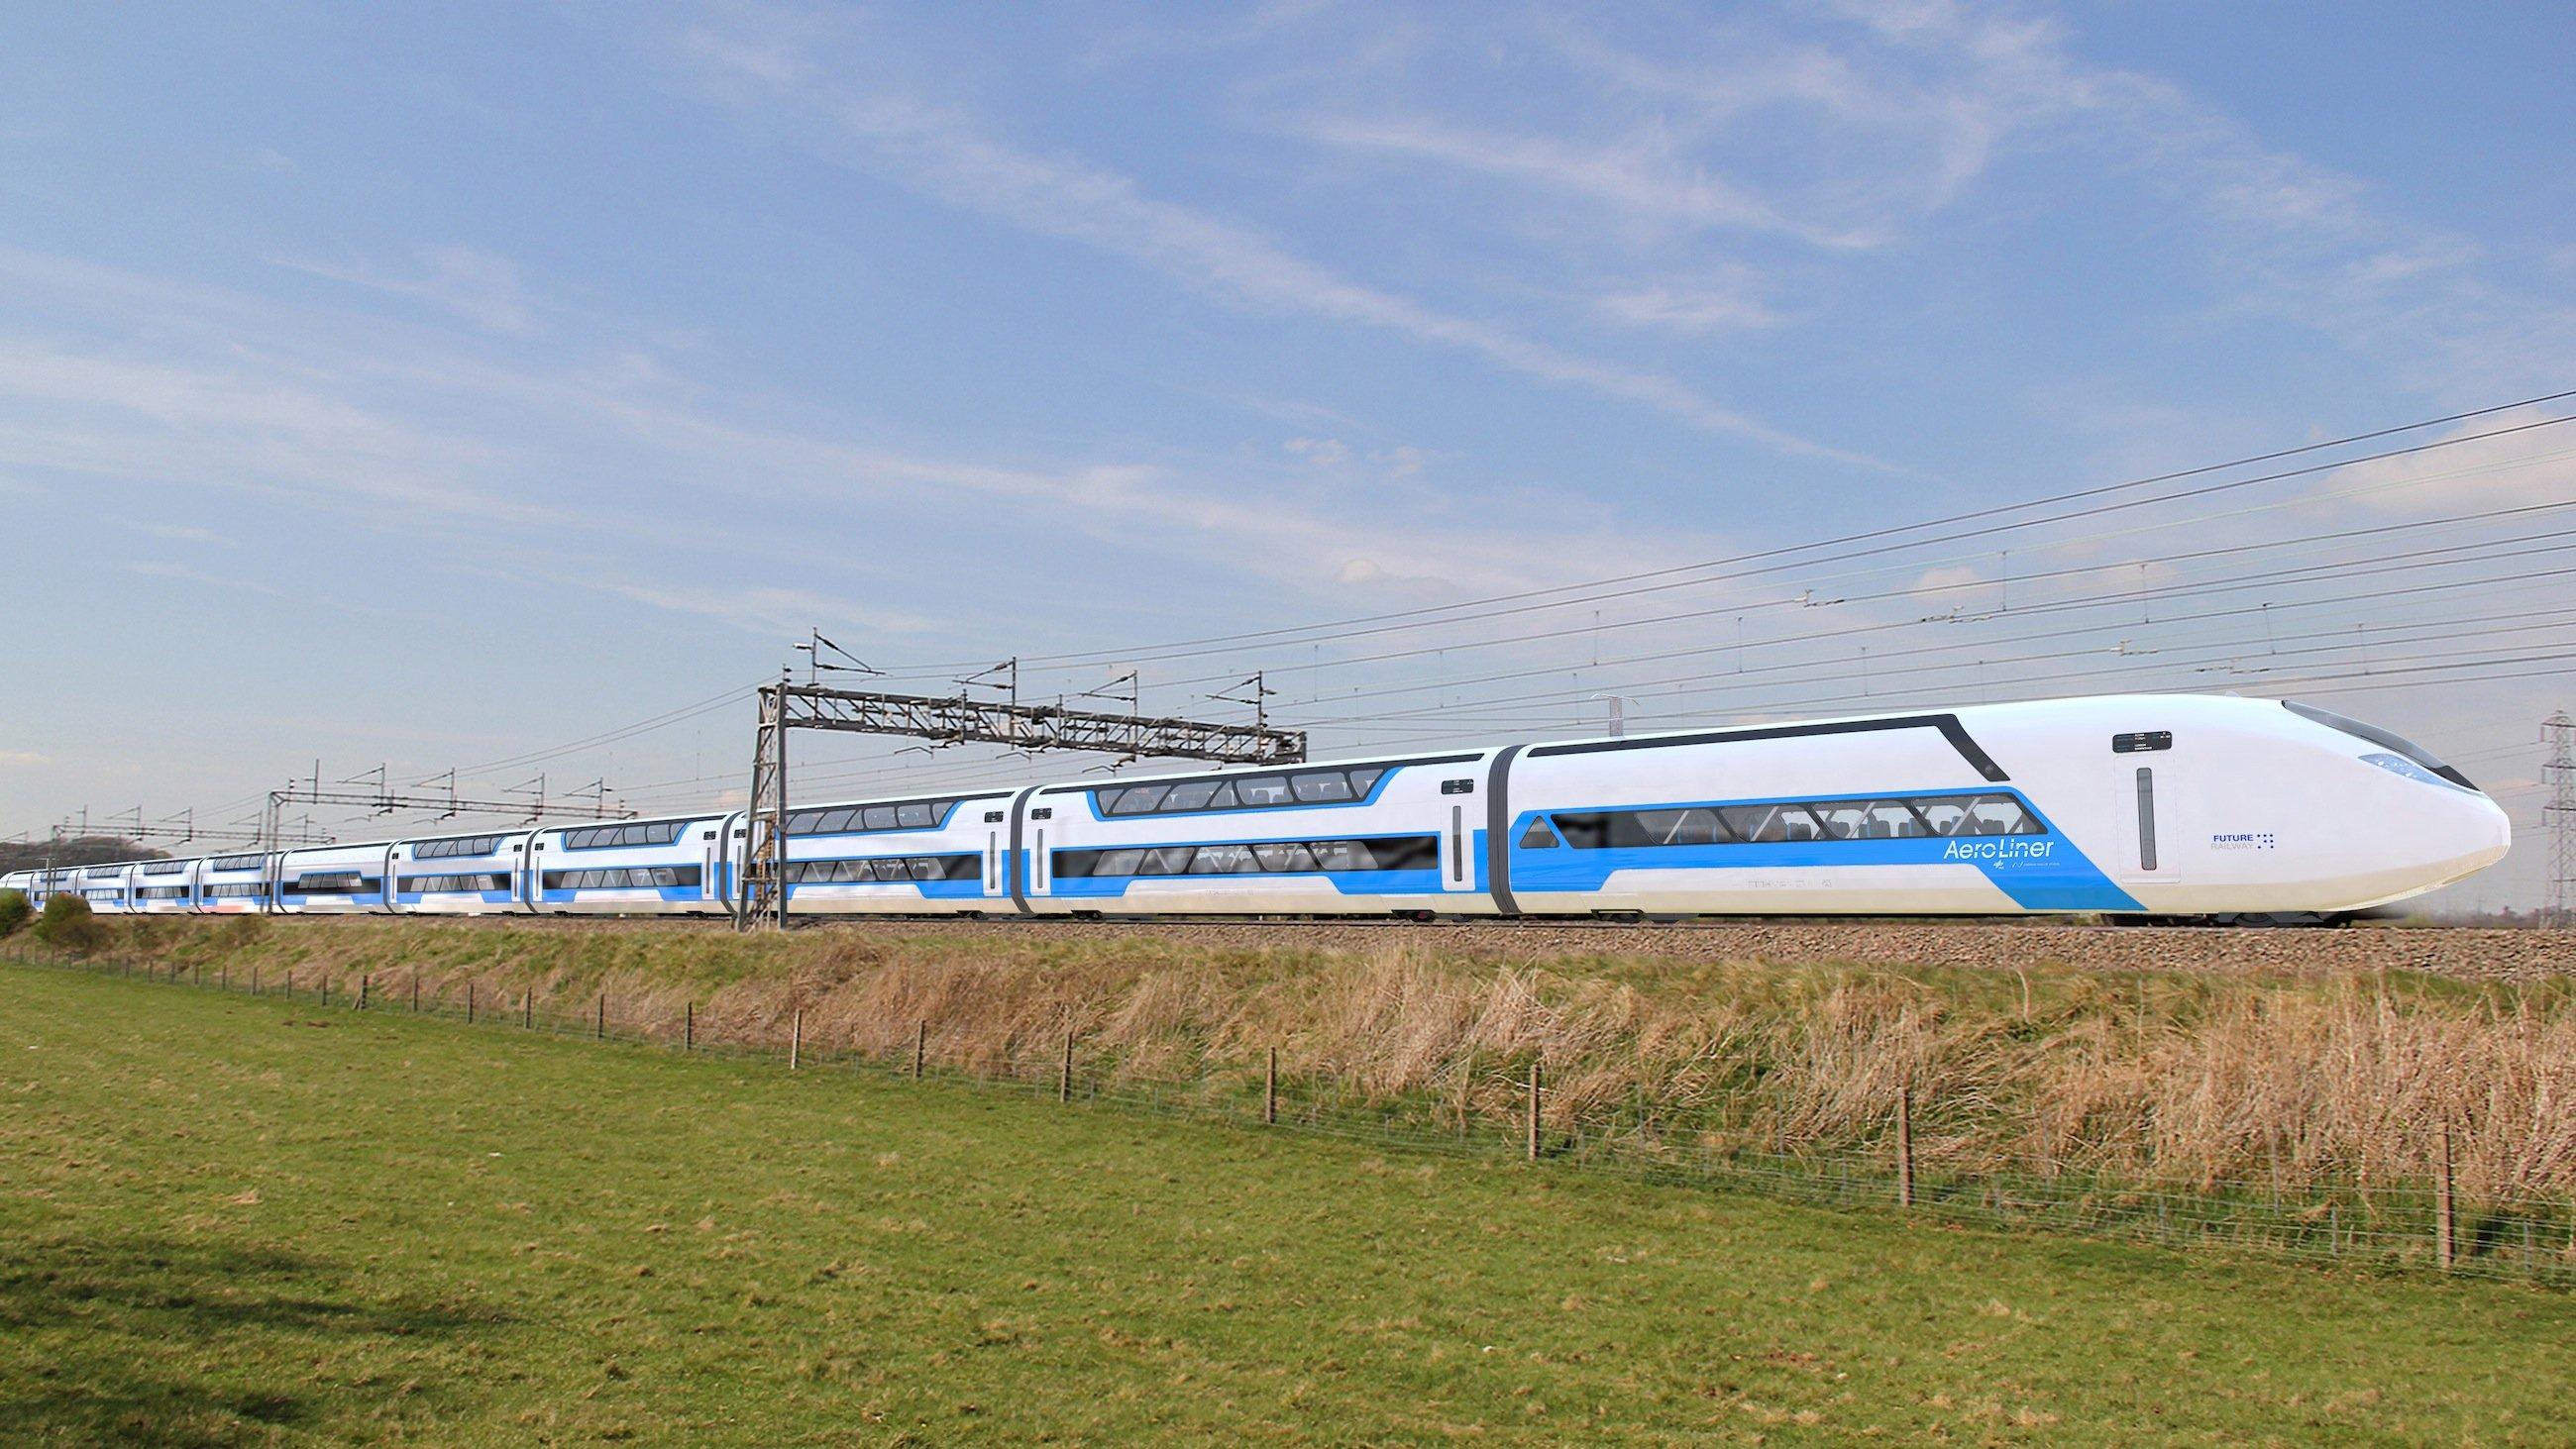 Das Konzept Aeroliner3000von DLR und Andreas Vogler Studio schaffte es unter die besten drei von 48 Entwürfen des Wettbewerbs